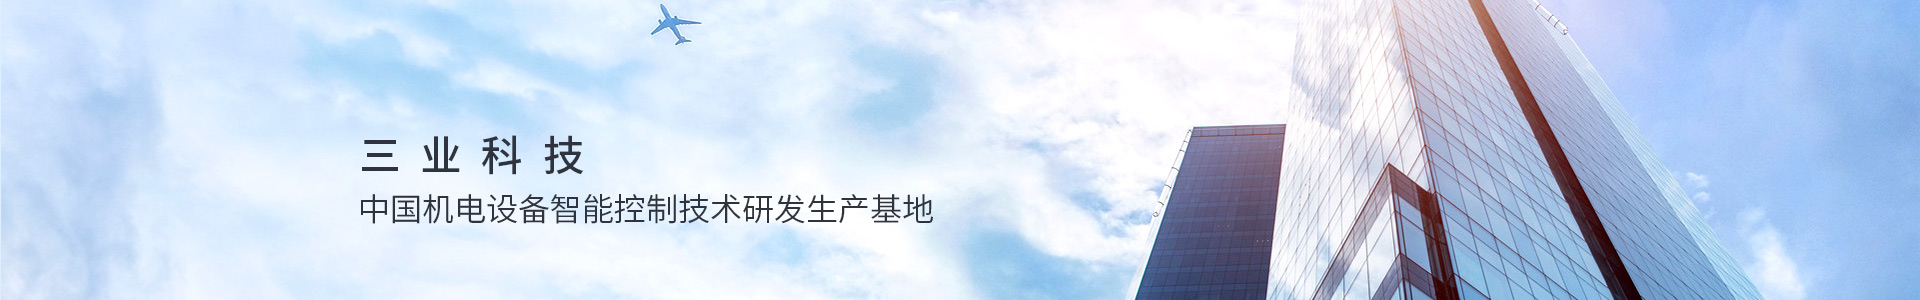 三业科技,中国机电设备只能控制技术研发生产基地